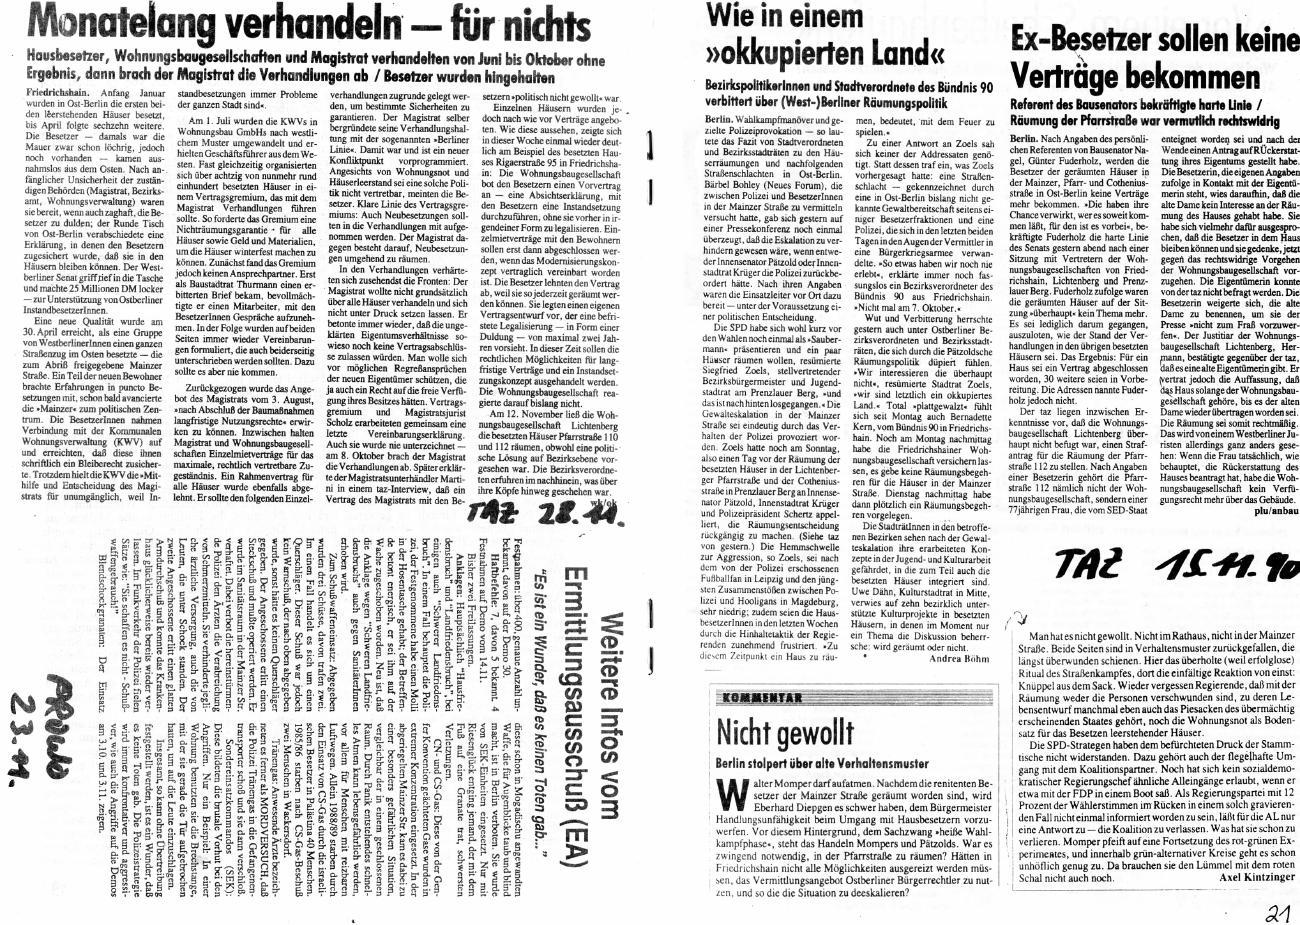 Berliner_Linie7_1990_11